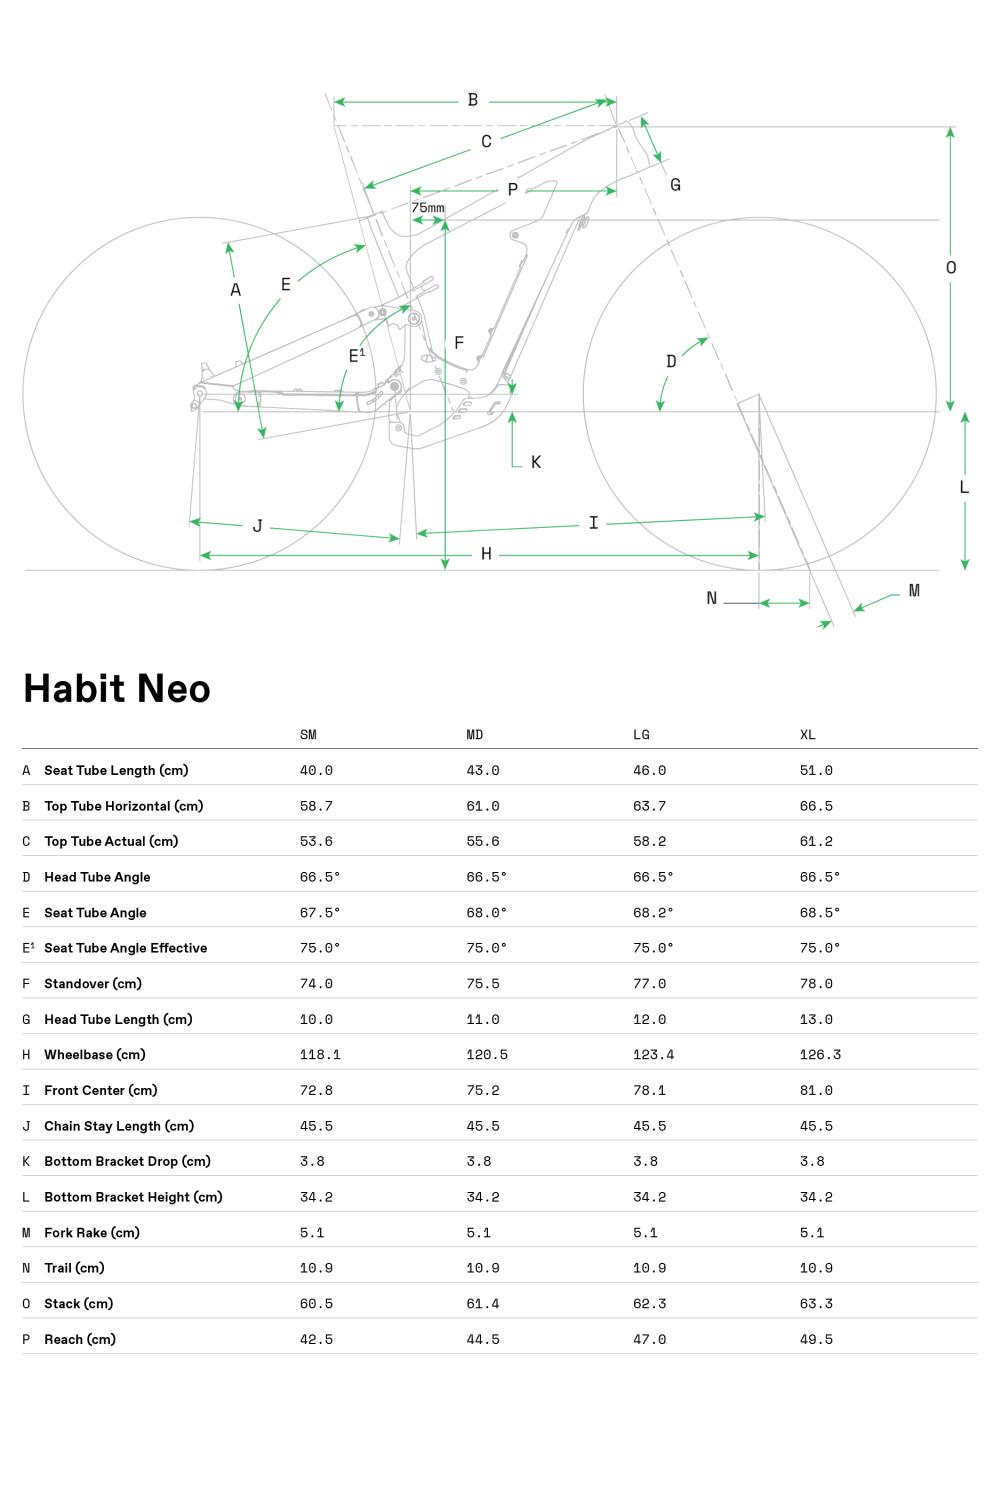 Habit Neo 1 -